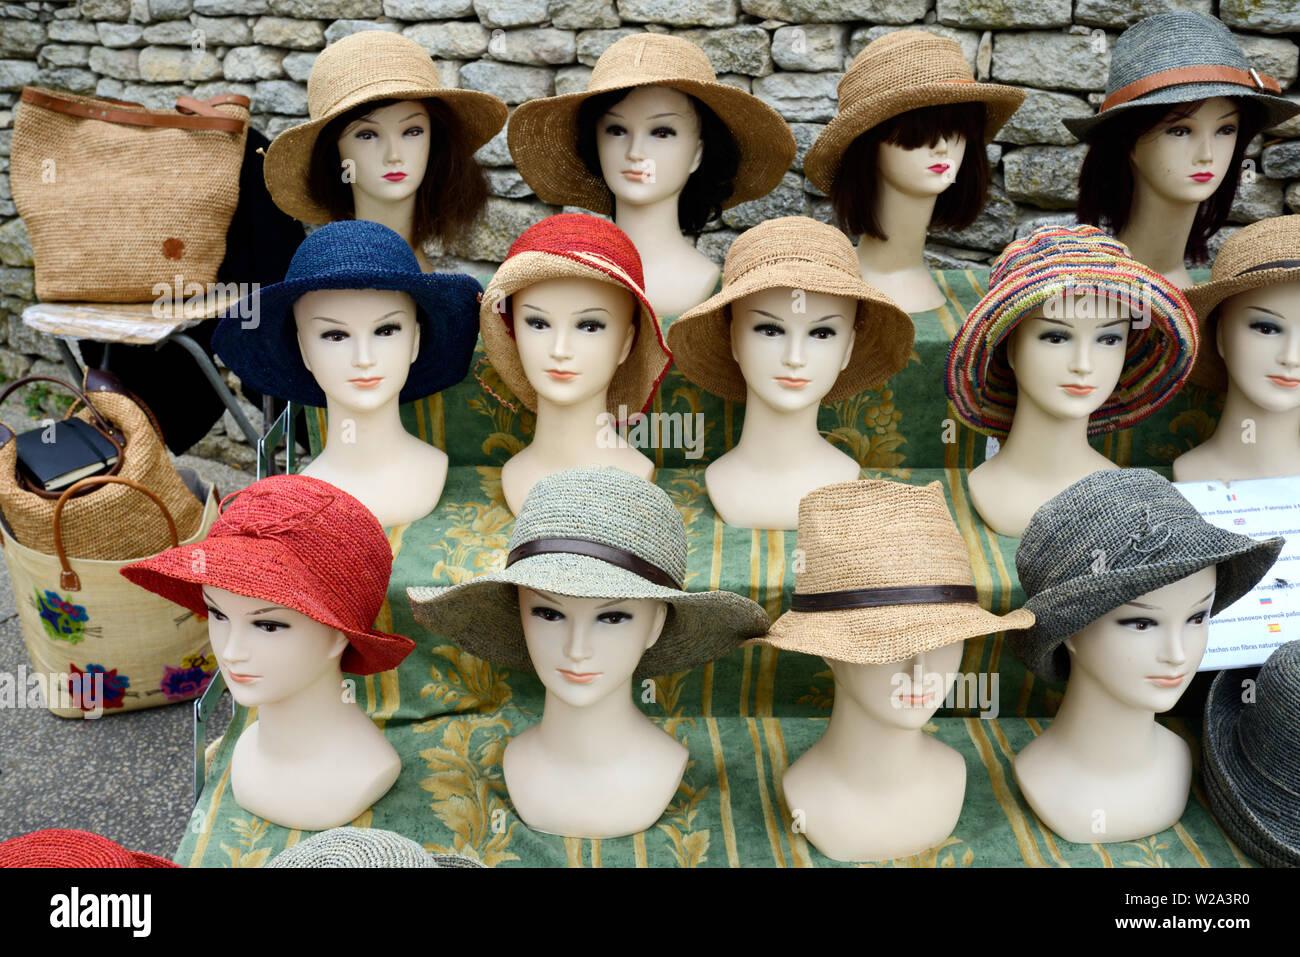 Stroh Hüte oder Raphia Hüte Hut Anzeige auf Dummy Staats- oder Mannequins am Marktstand Bonnieux Luberon Provence Stockfoto